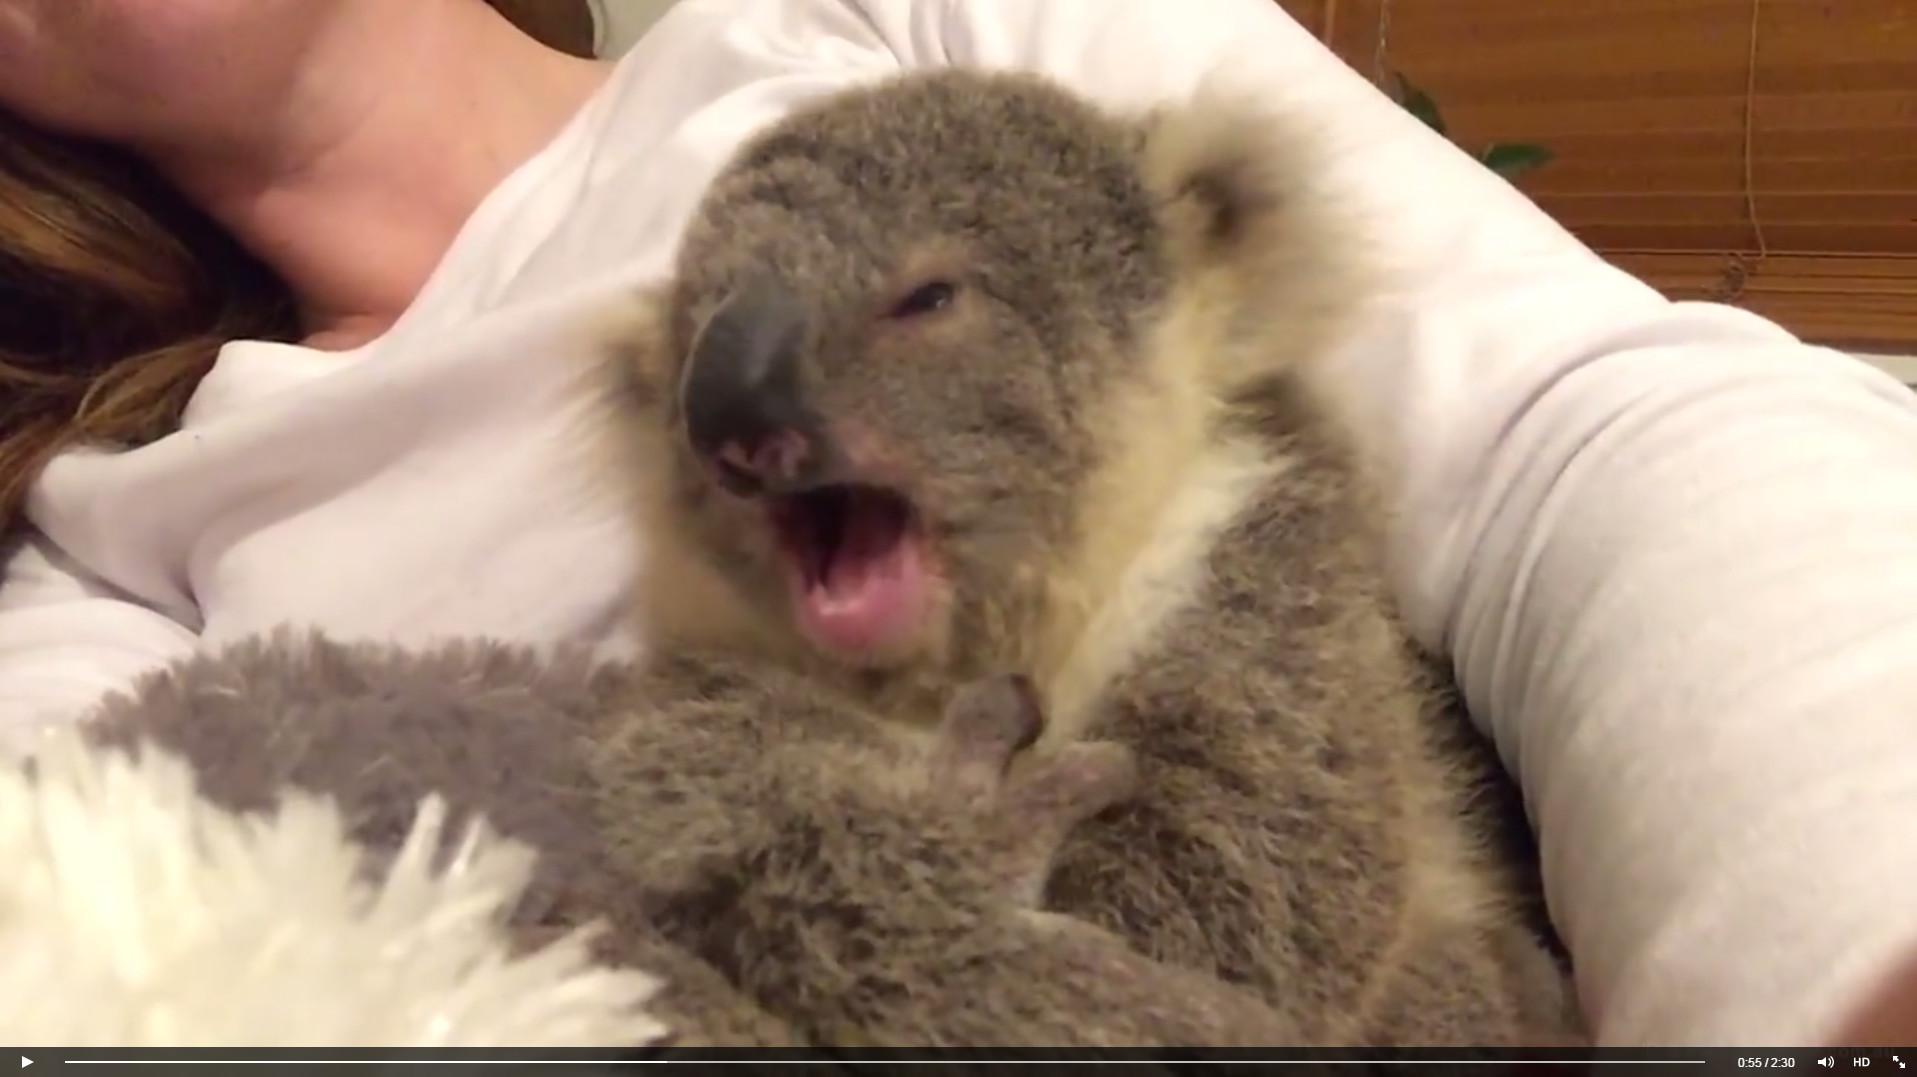 史上最可爱无尾熊! 「超萌哈欠」睡姿让网友融化